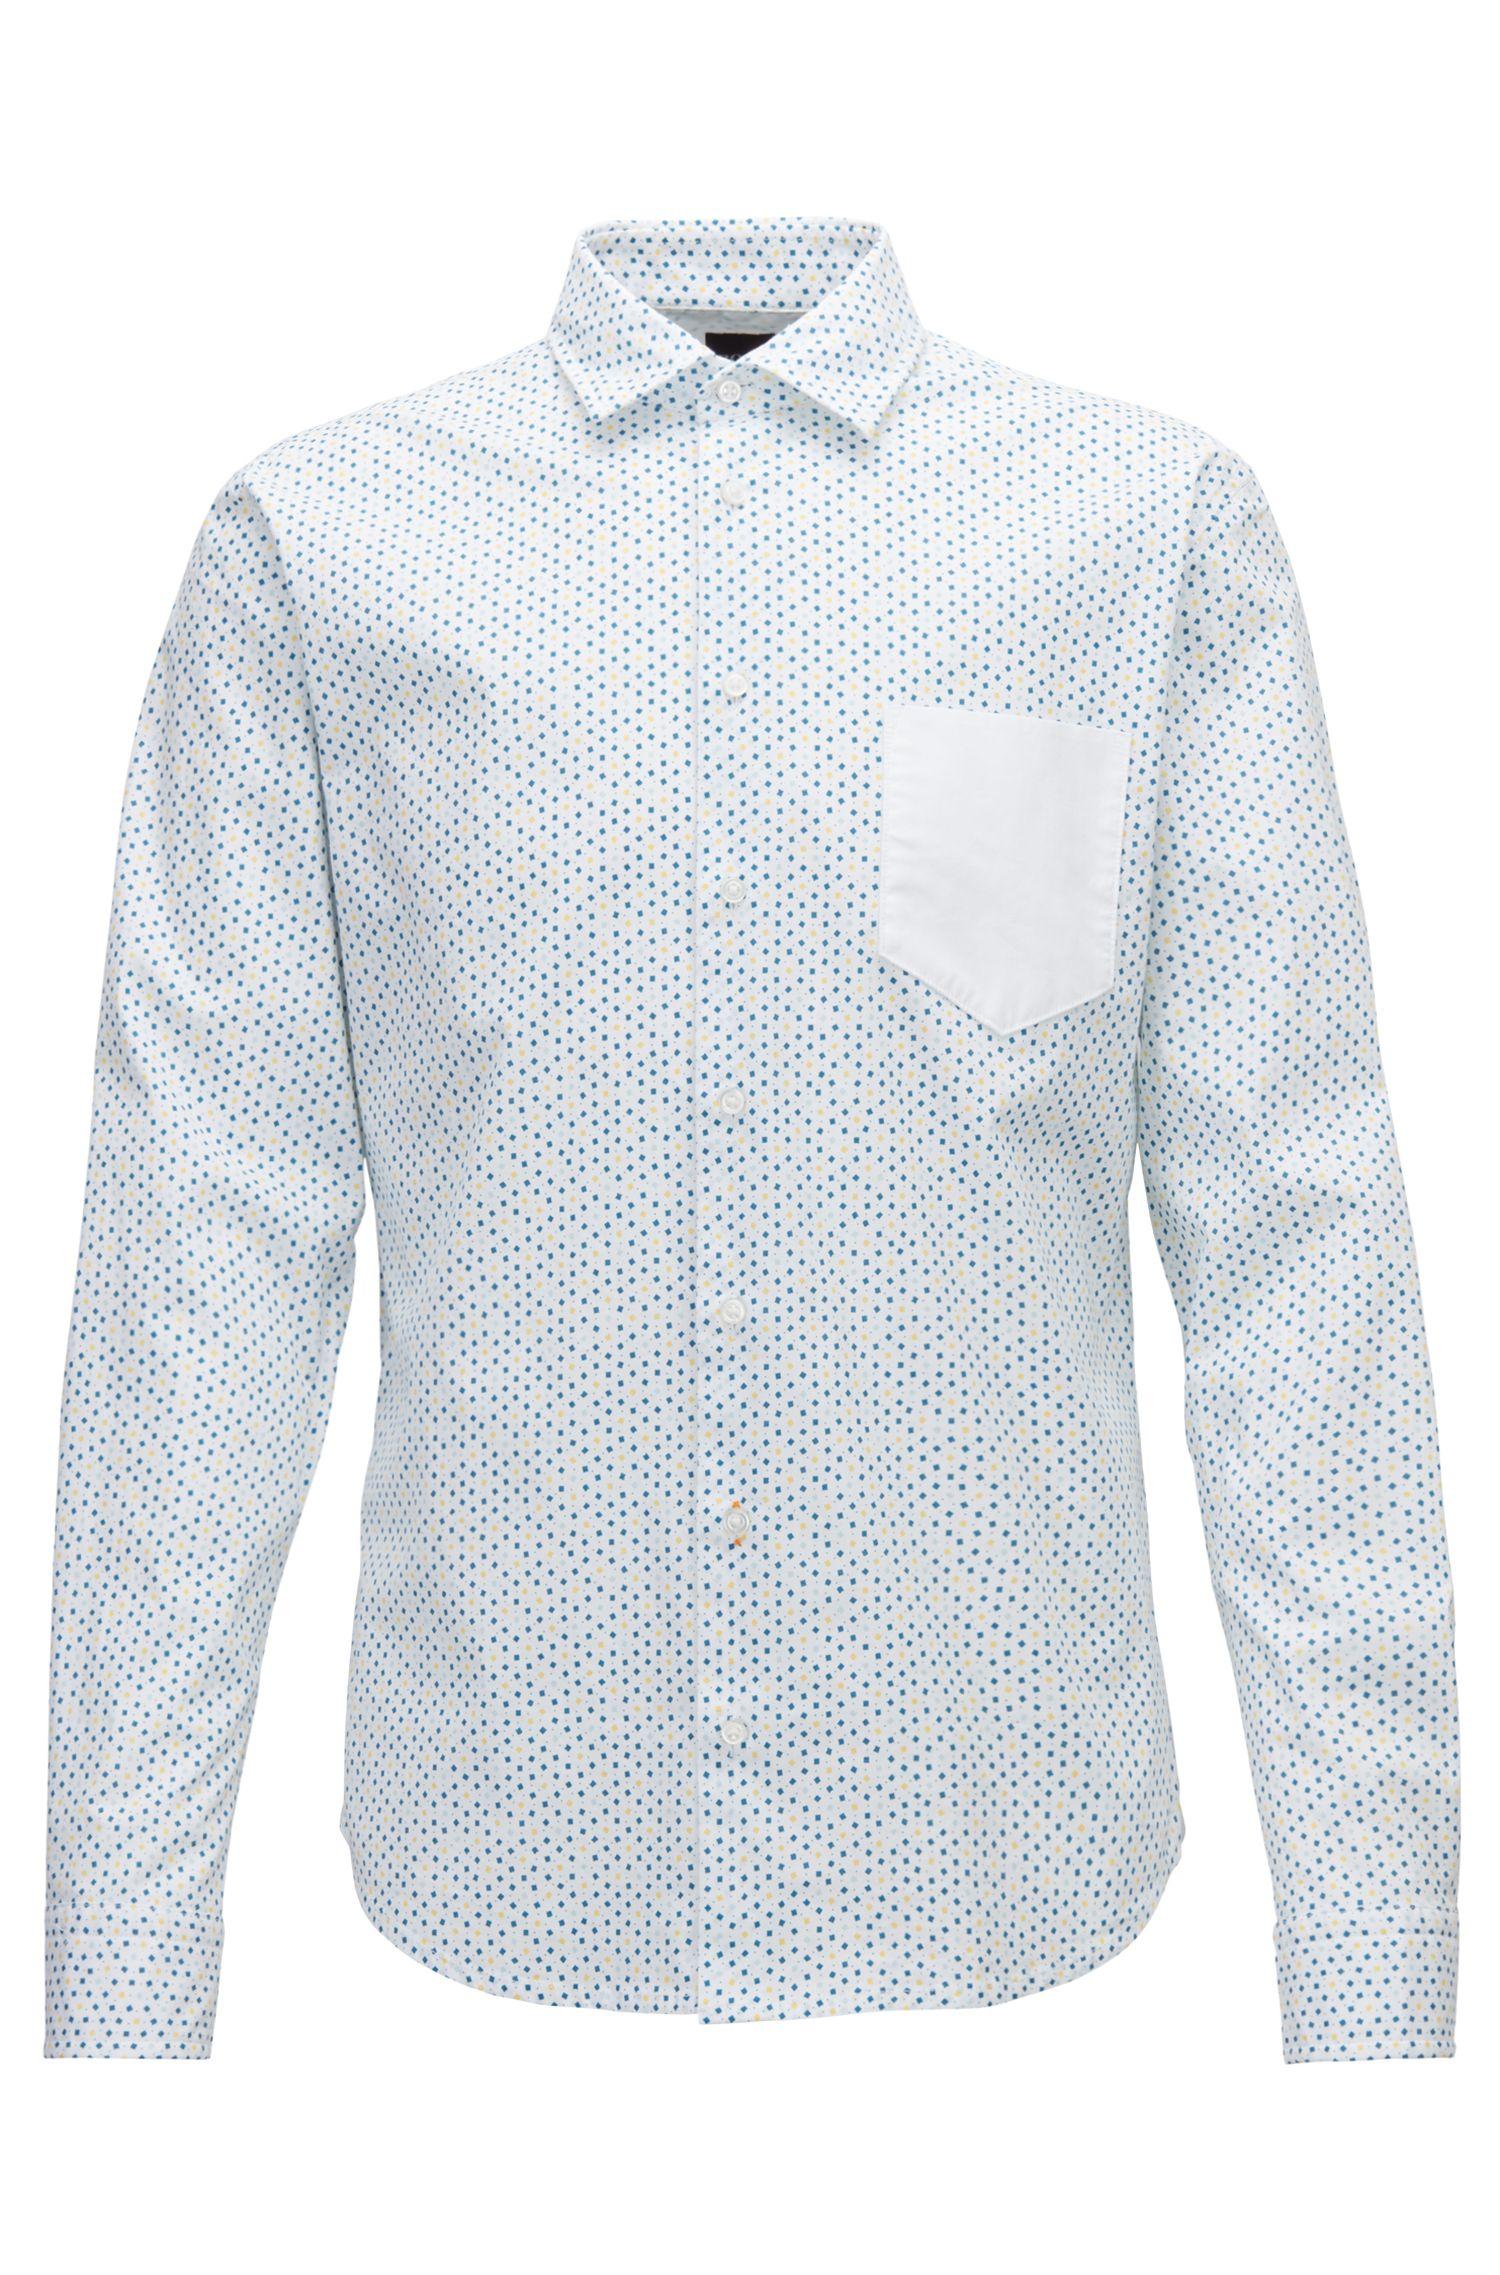 Slim-Fit Hemd aus Stretch-Baumwolle mit geometrischem Print, Weiß